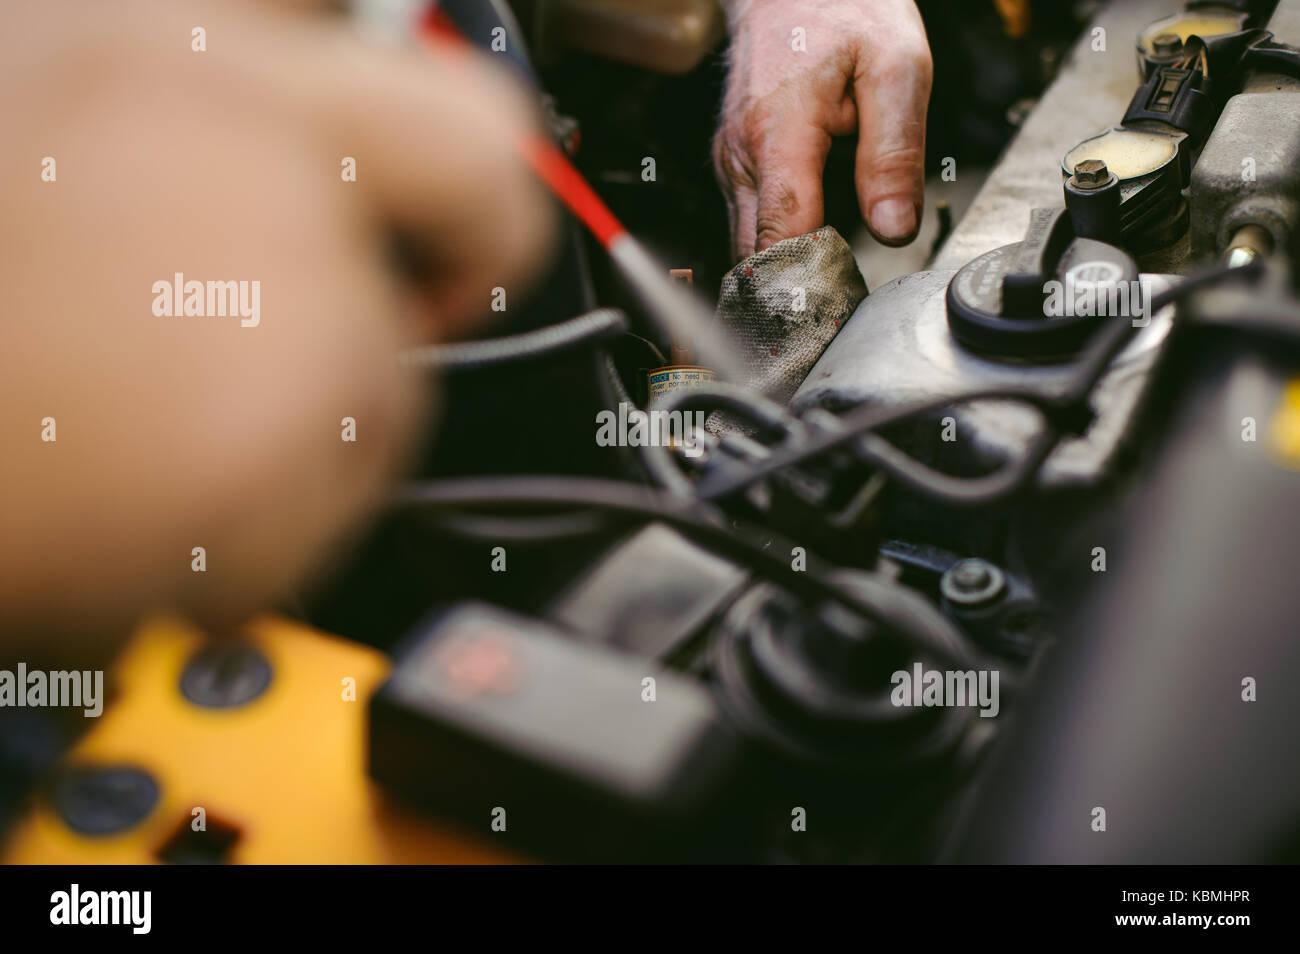 Hände von einem Automechaniker close-up. Wartung und Pflege für ein Auto Motor Stockbild